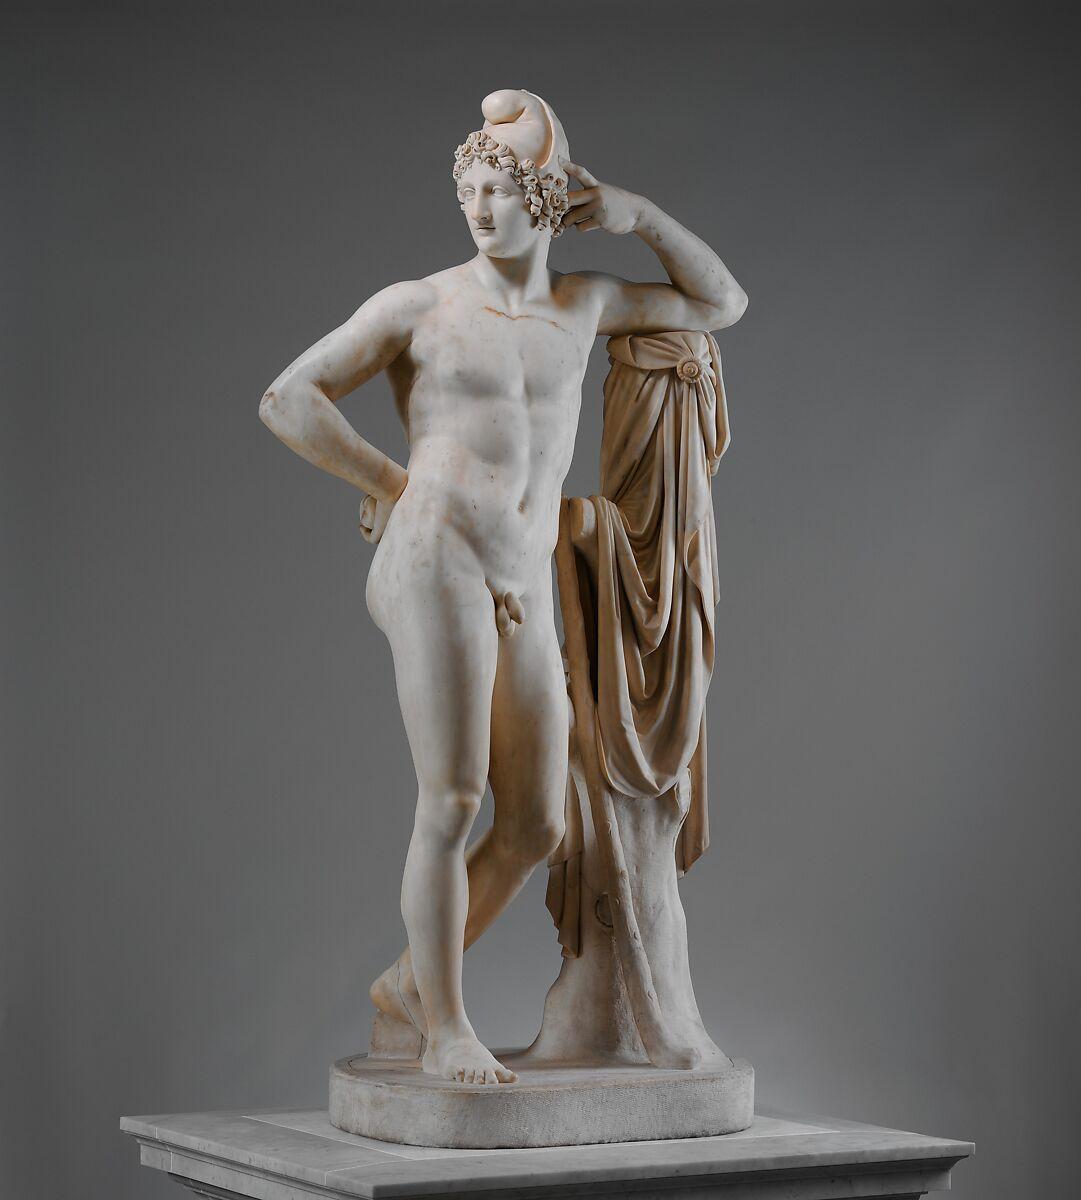 Workshop of Antonio Canova | Paris | Italian, Rome | The Met